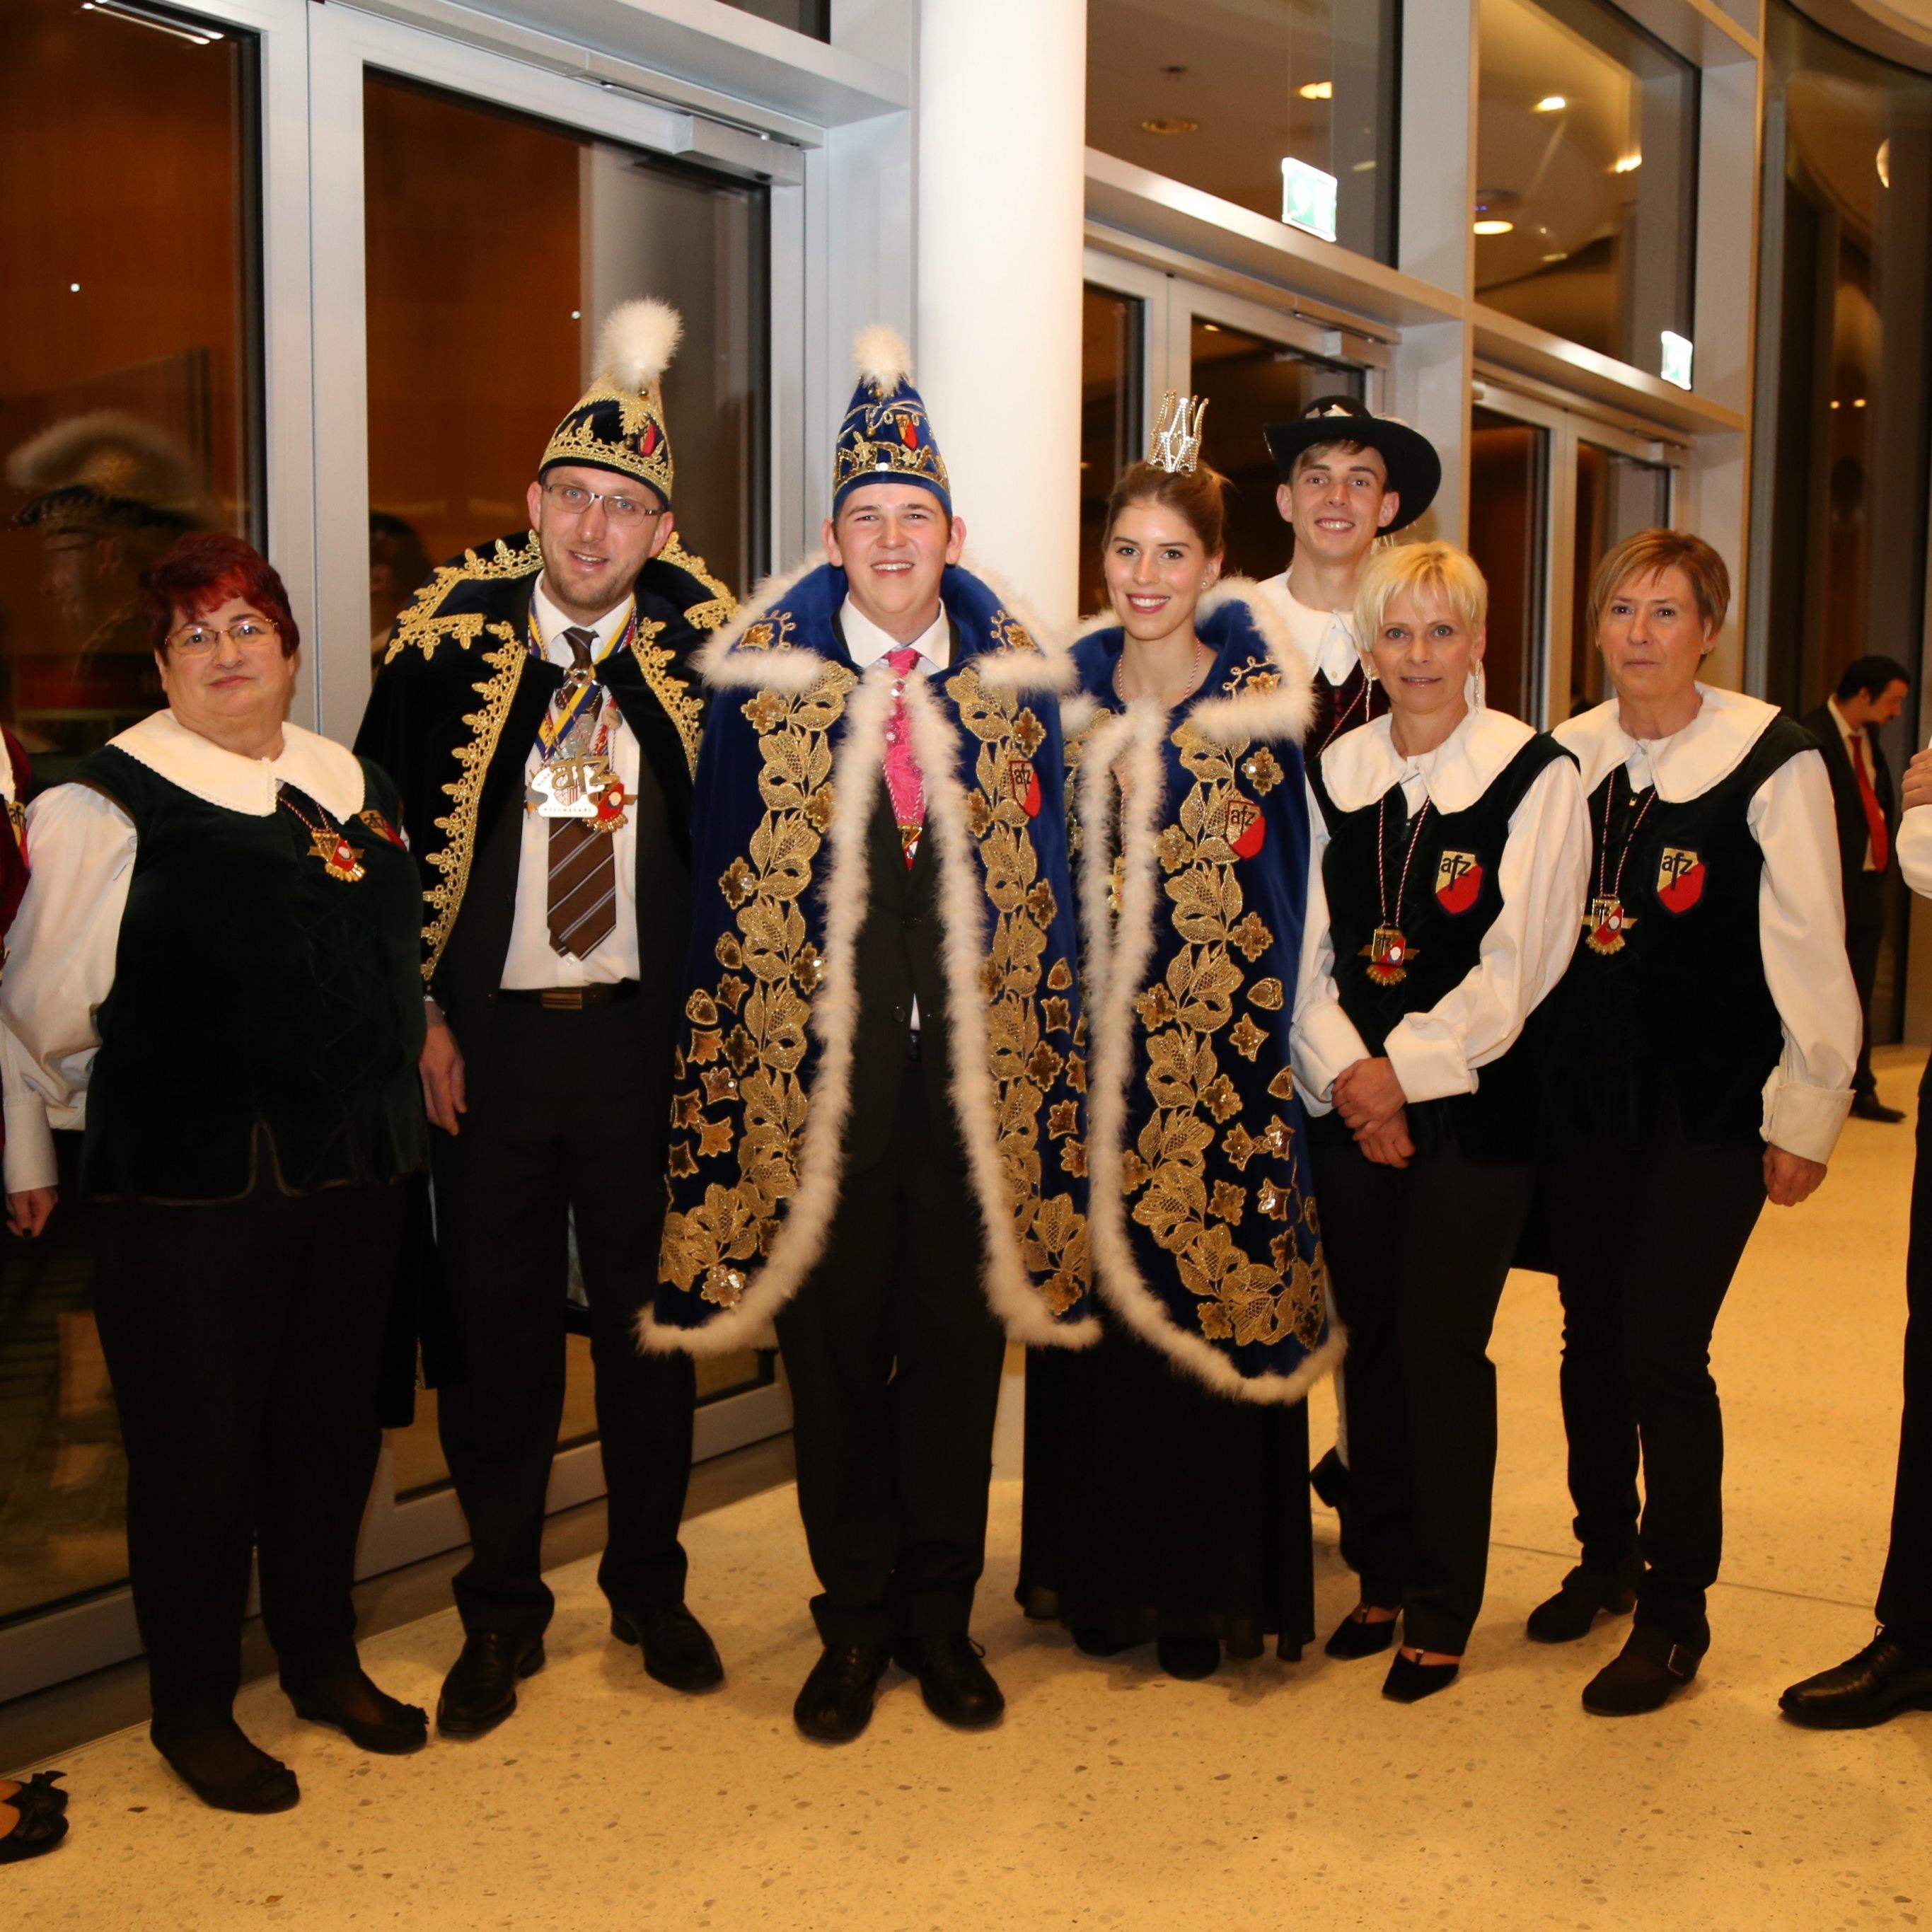 Das AFZ-Präsidium und Prinzenpaar begrüßten die Gäste persönlich.